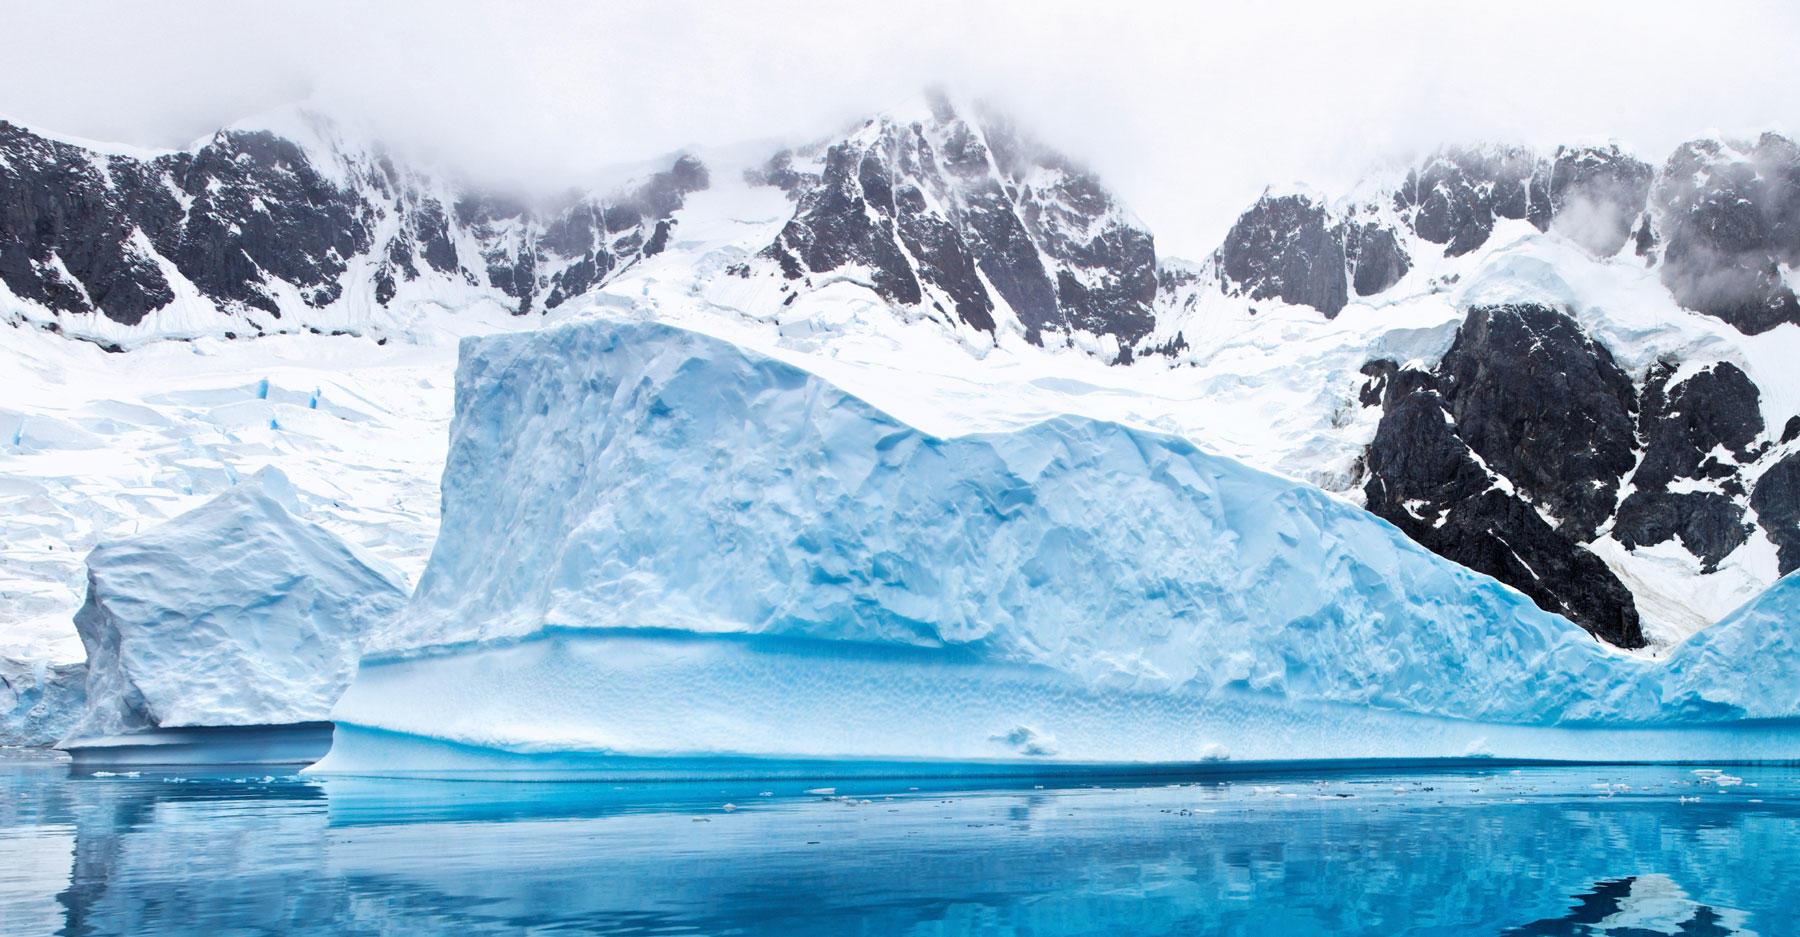 Iceberg in Antartica